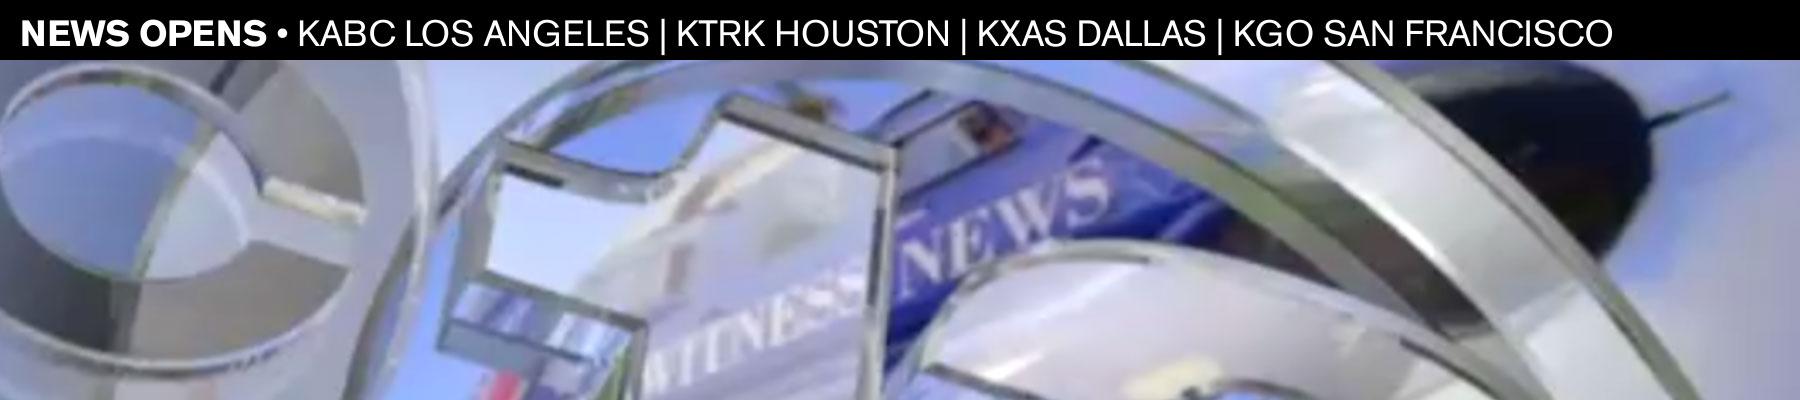 News Opens • KABC | KTRK | KXAS | KGO